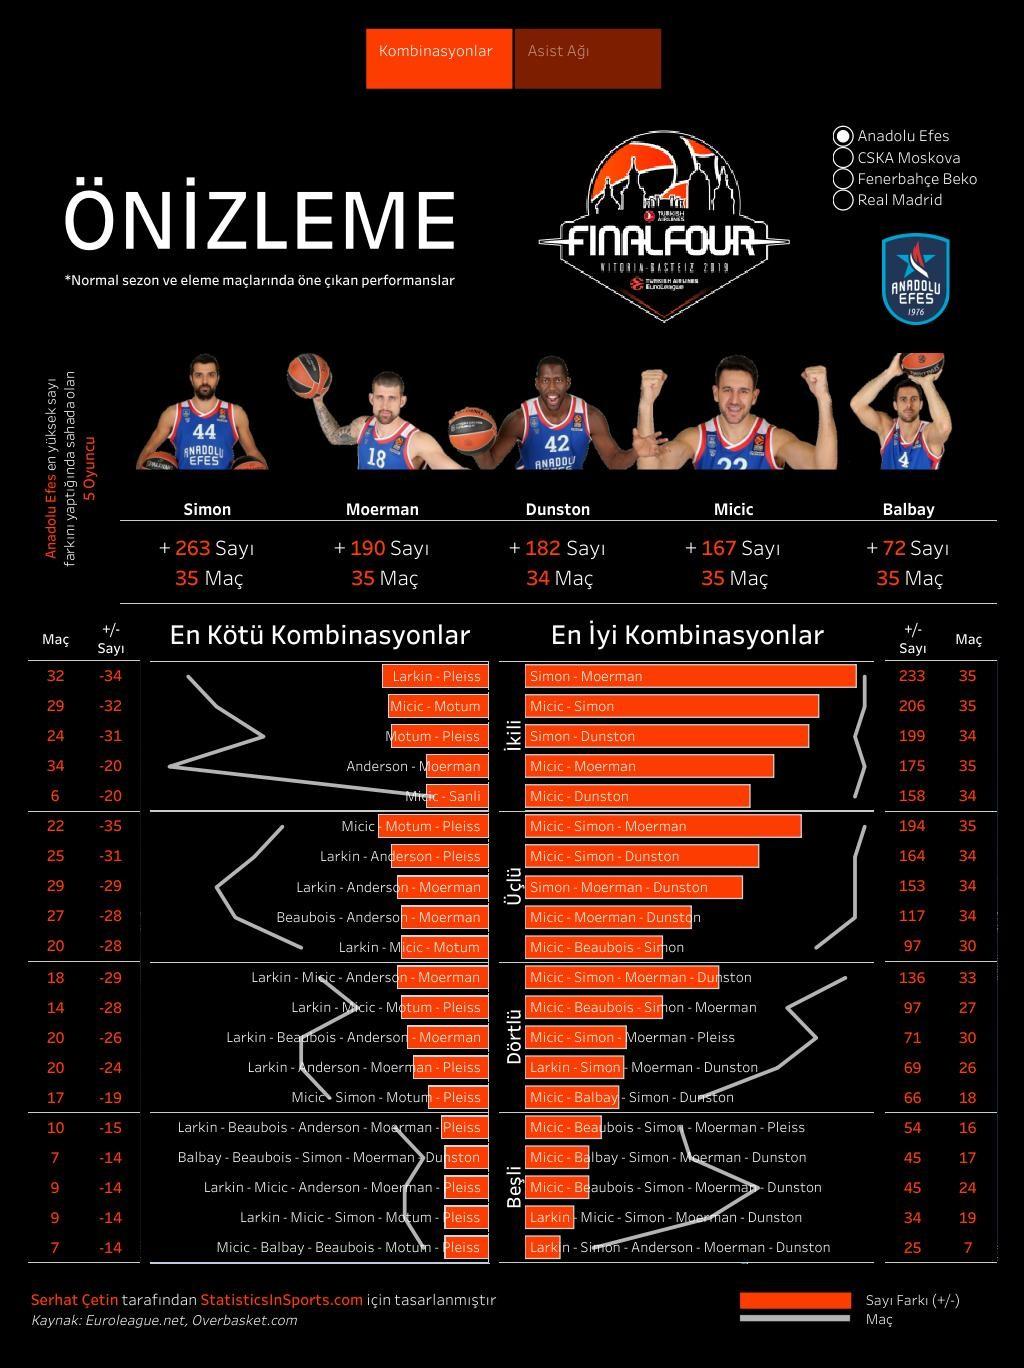 Anadolu Efes'in EuroLeague oyuncu kombinasyonları (İstatistik ve Görsel: Serhat Çetin)